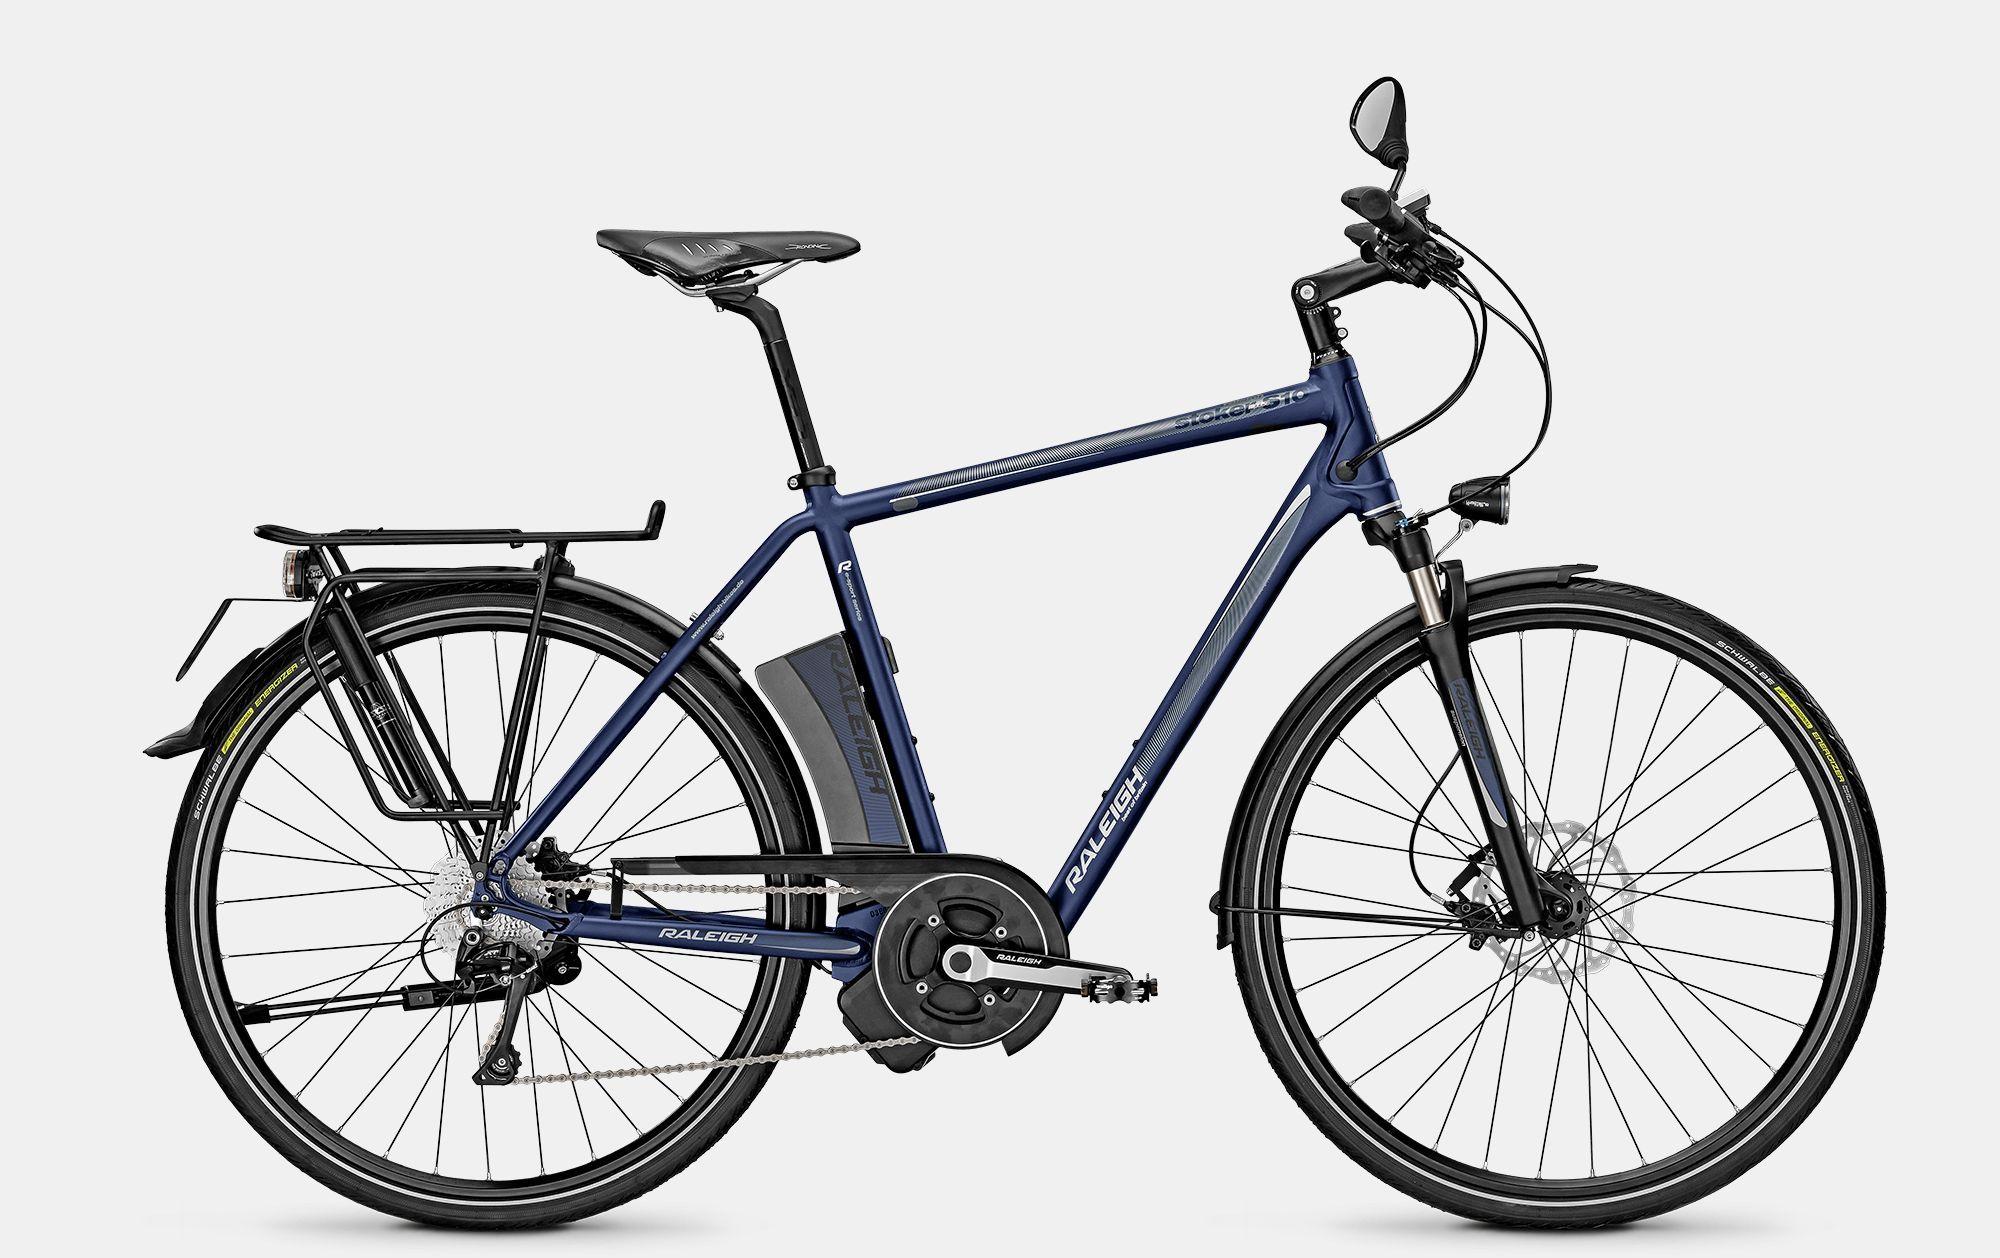 Raleigh Bikes Stoker Impulse S10 45 E